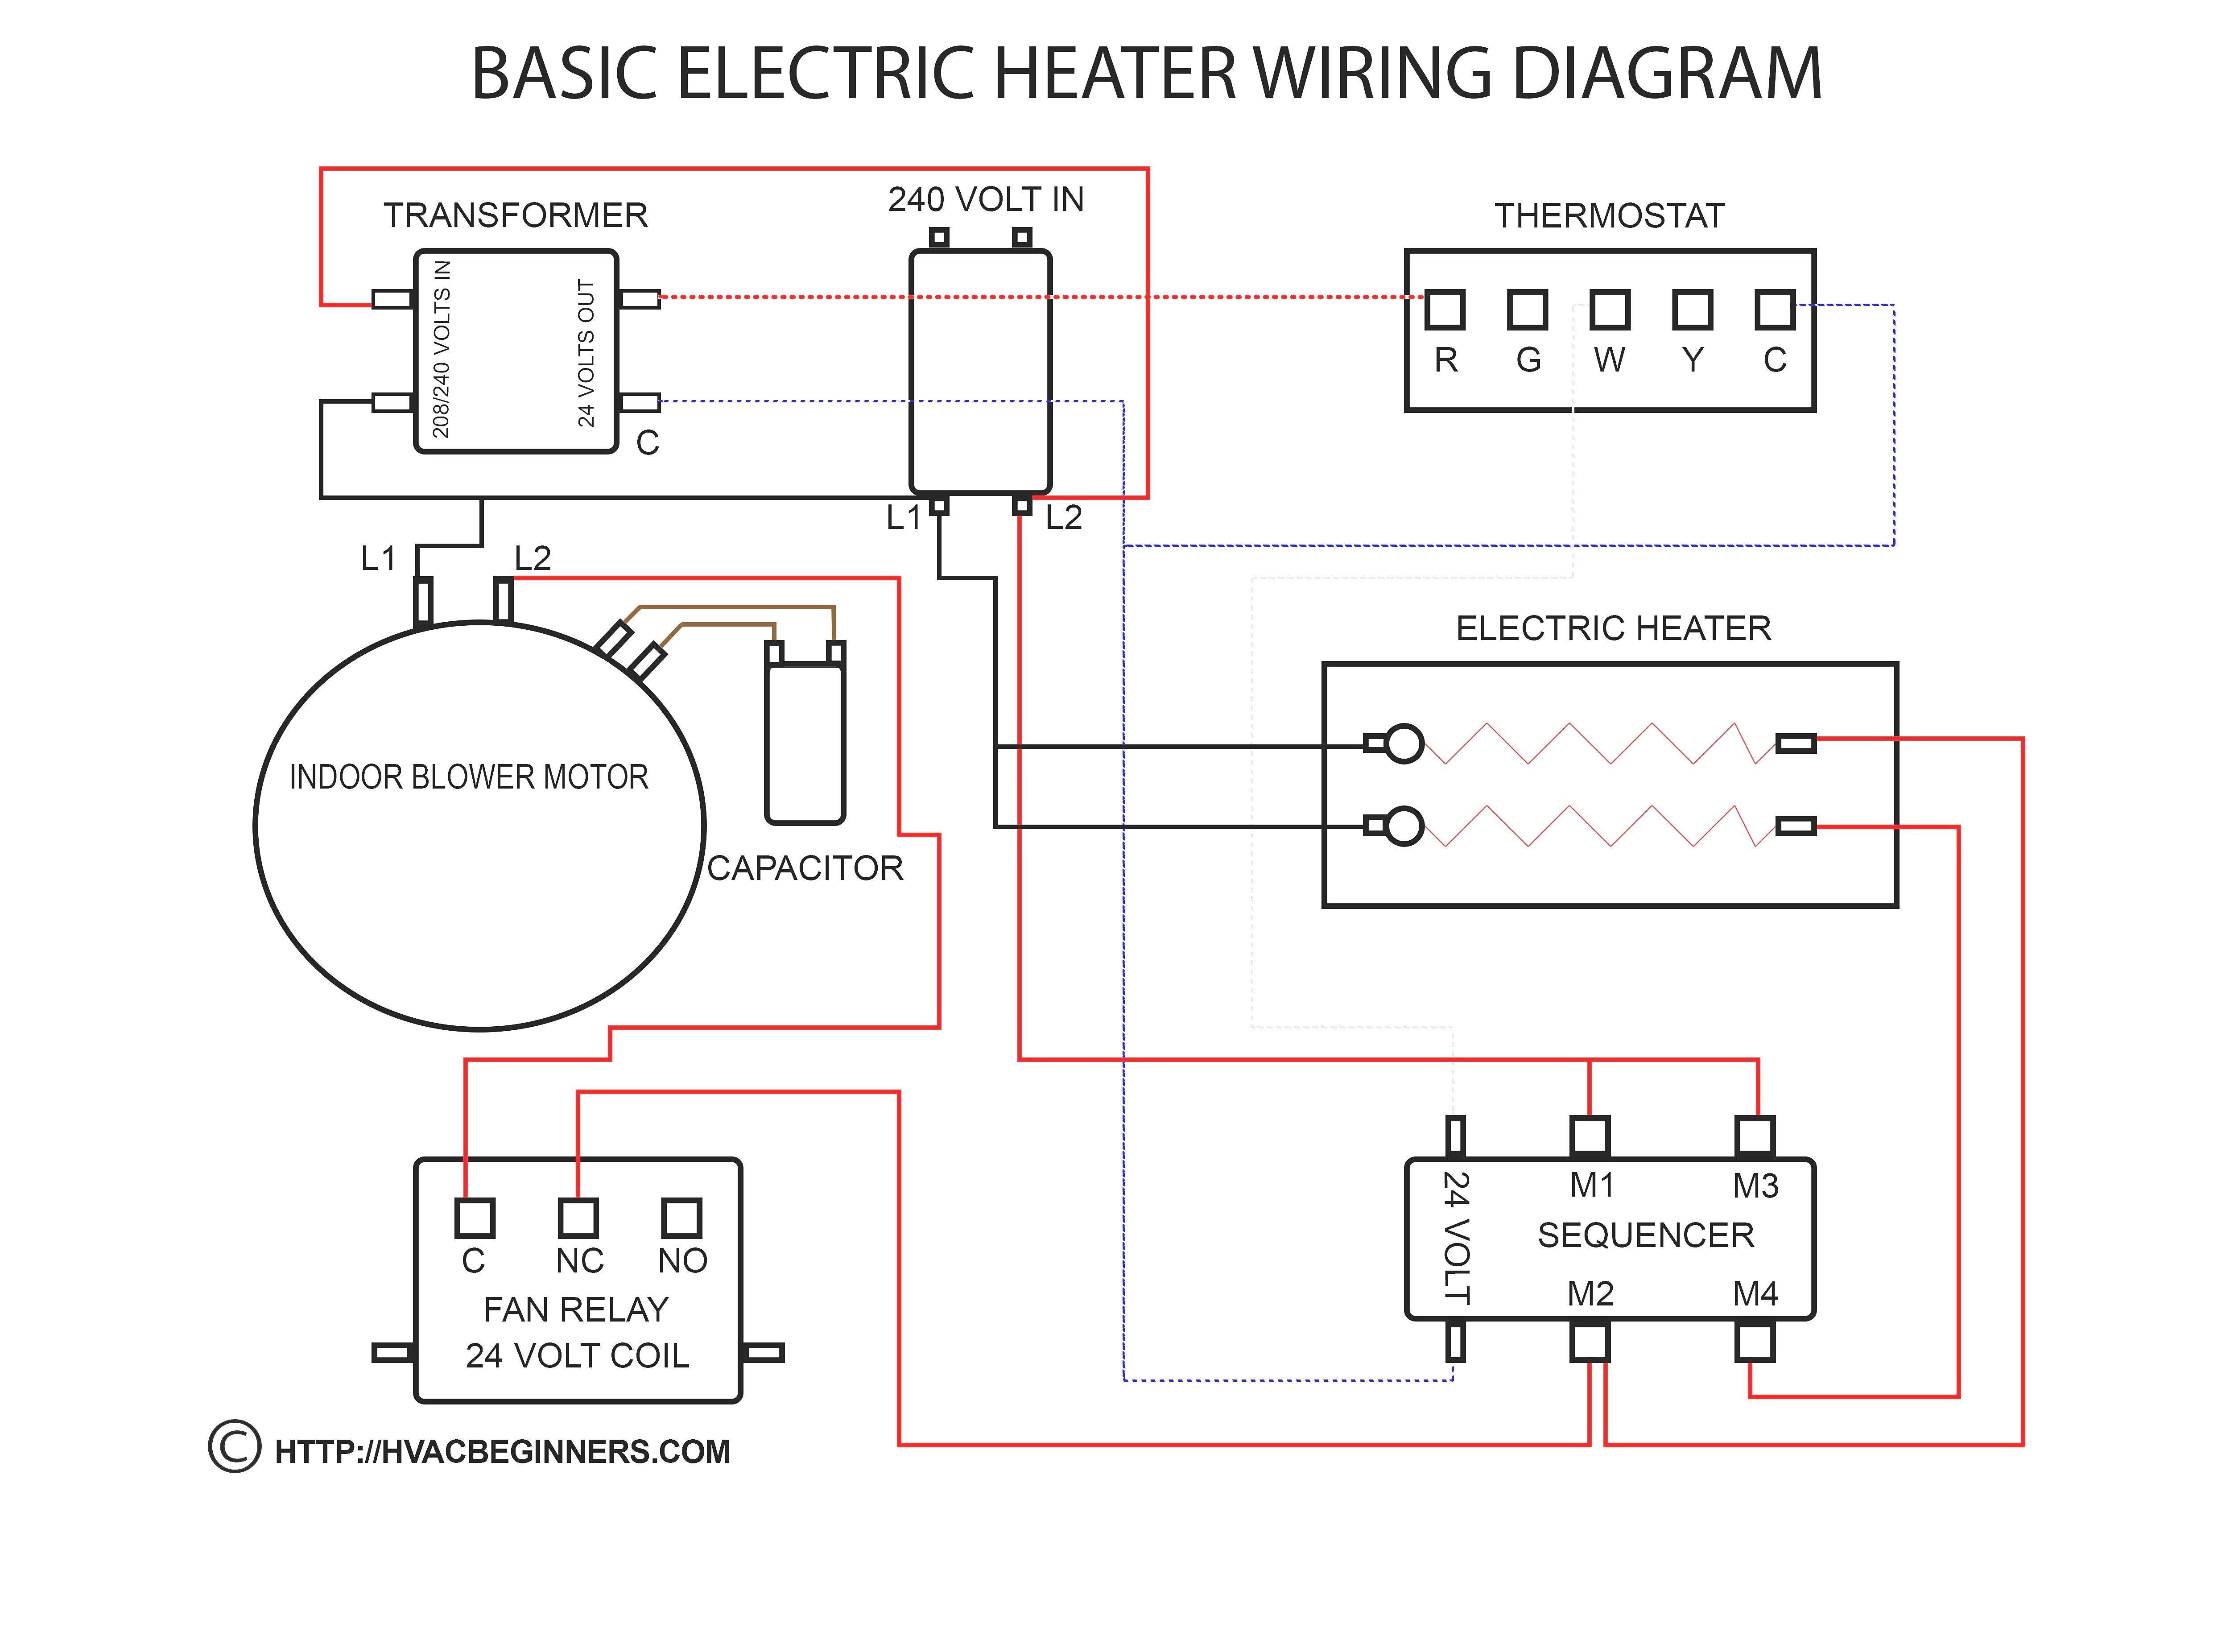 Thermostat Wiring Diagram Unique In 2020 Basic Electrical Wiring Thermostat Wiring Electrical Wiring Diagram